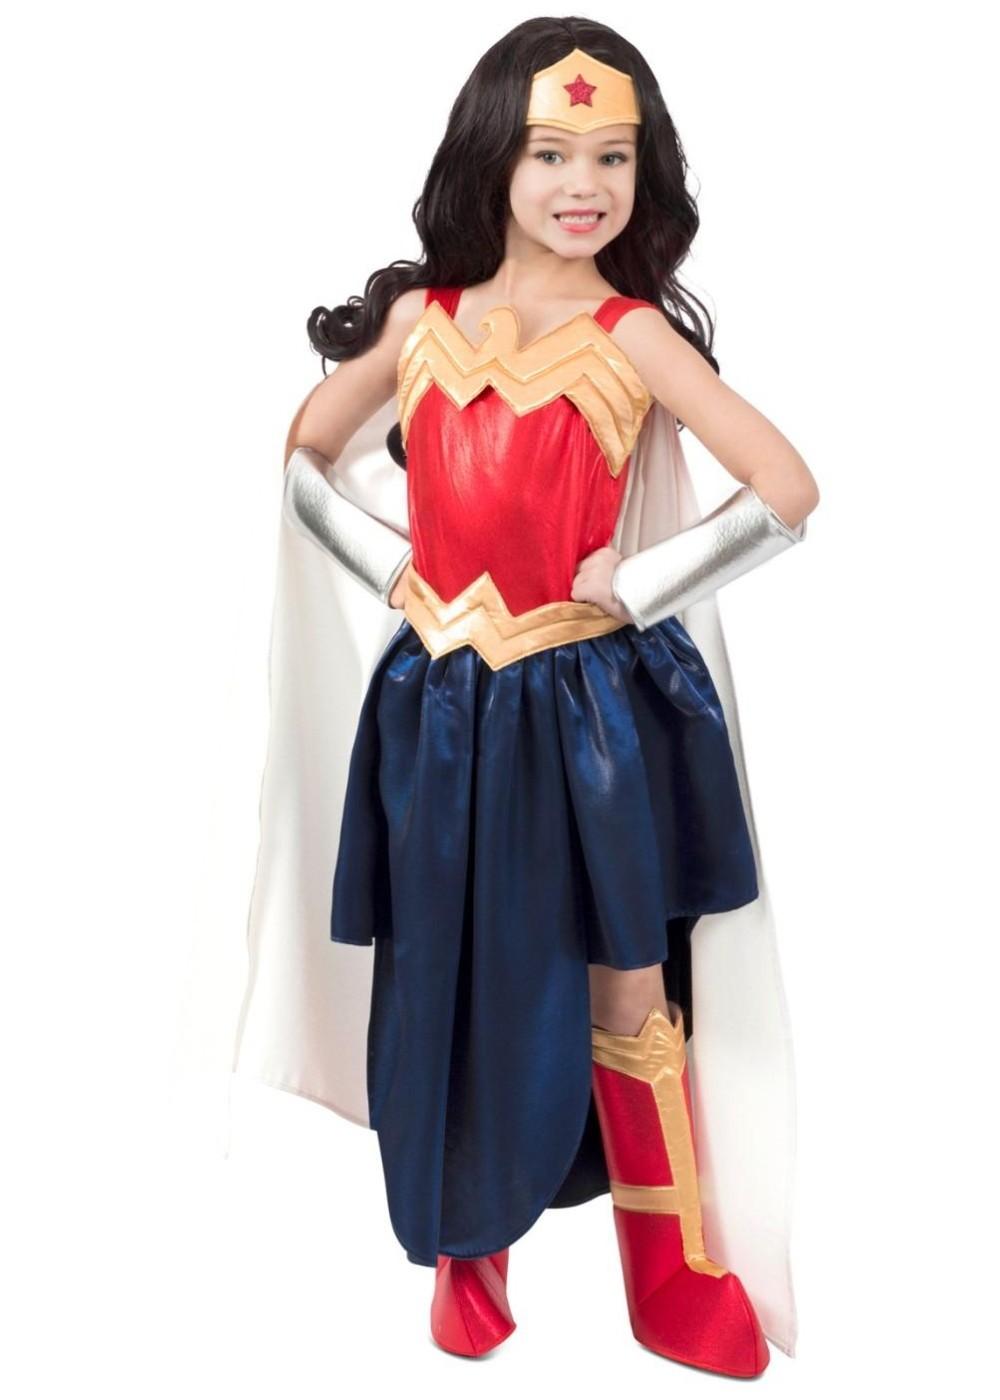 Girls Legendary Wonder Woman Costume - Superhero Costumes